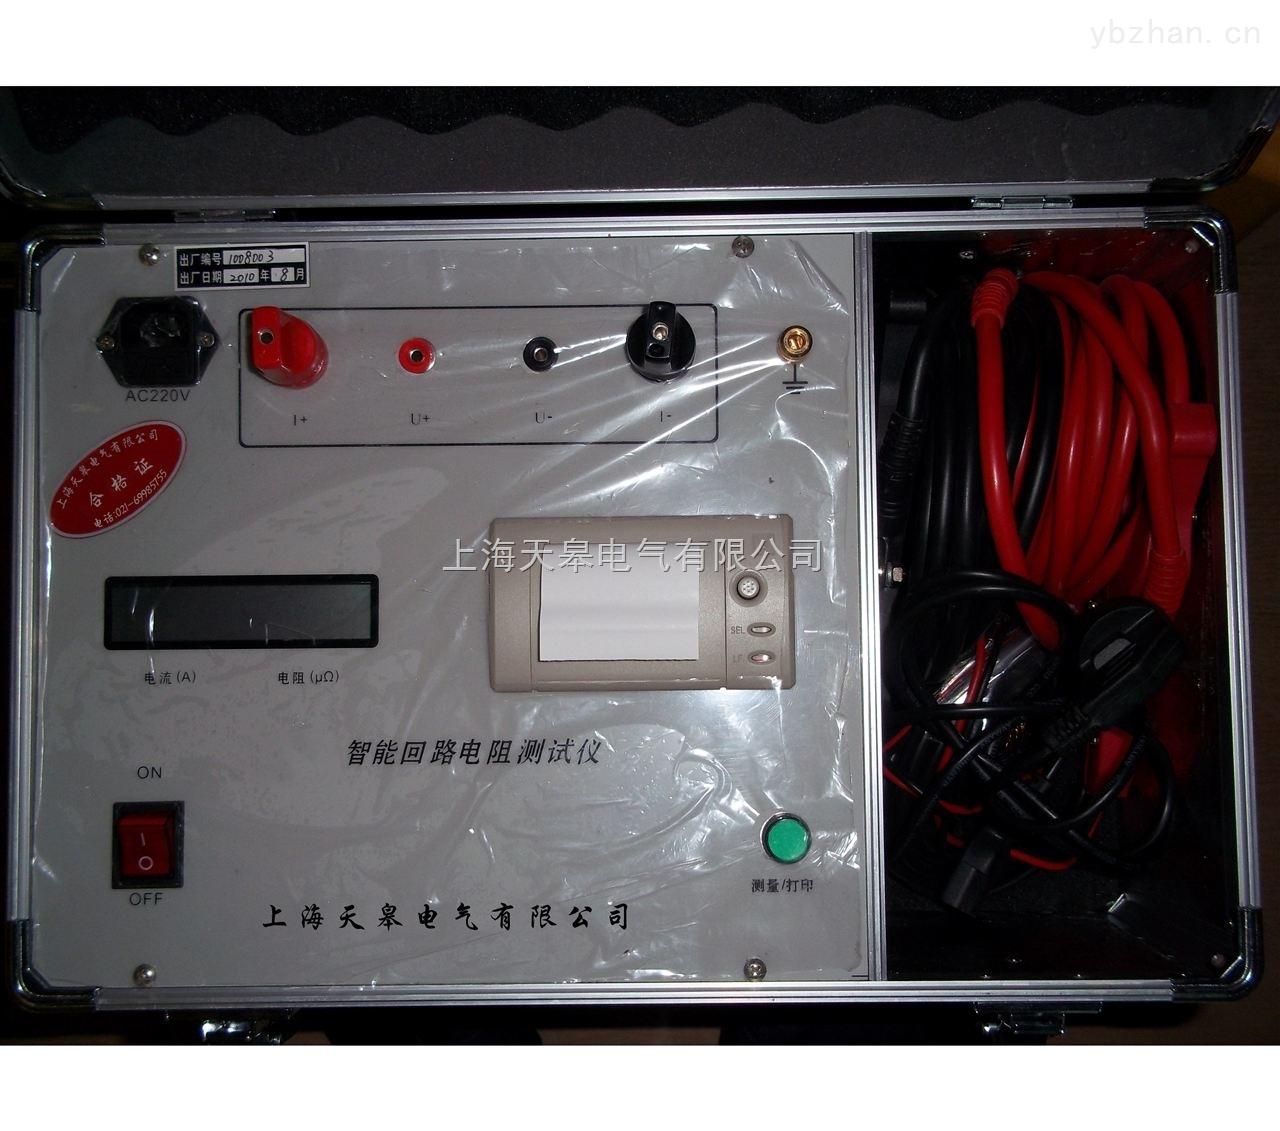 接触回路电阻测试仪-上海天皋电气有限公司